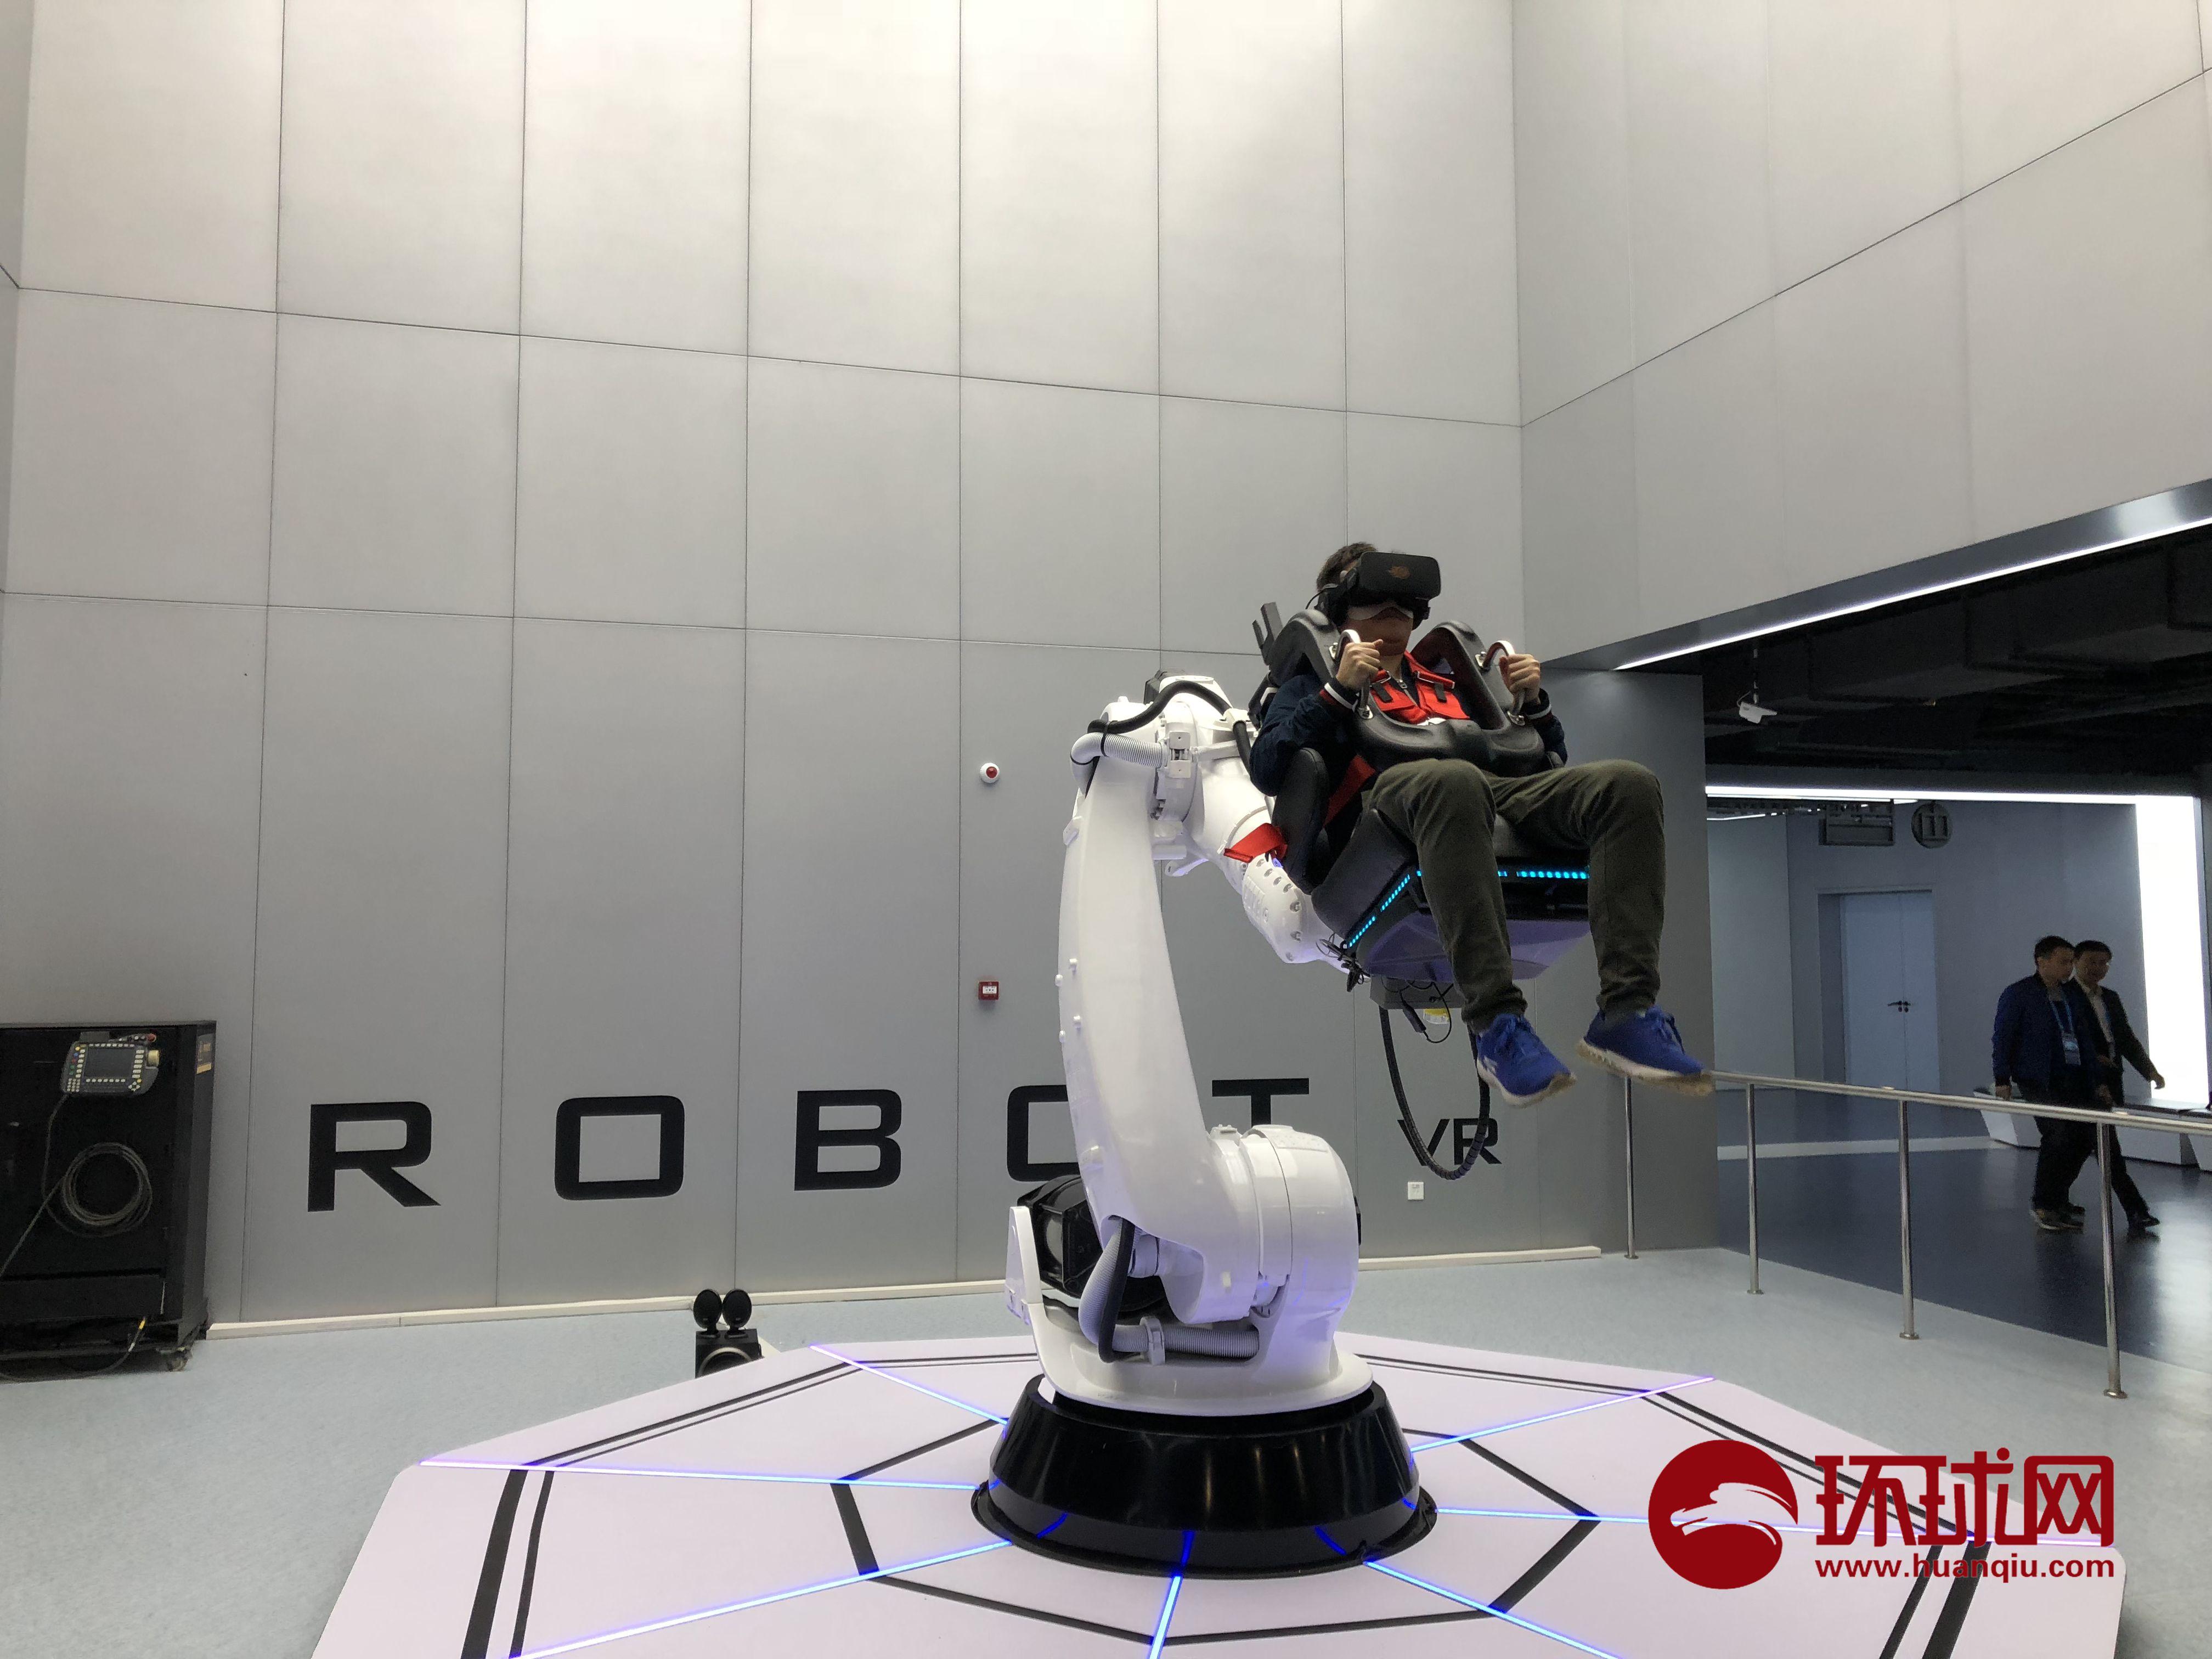 世界VR产业大会:穿梭虚拟与现实间的体验